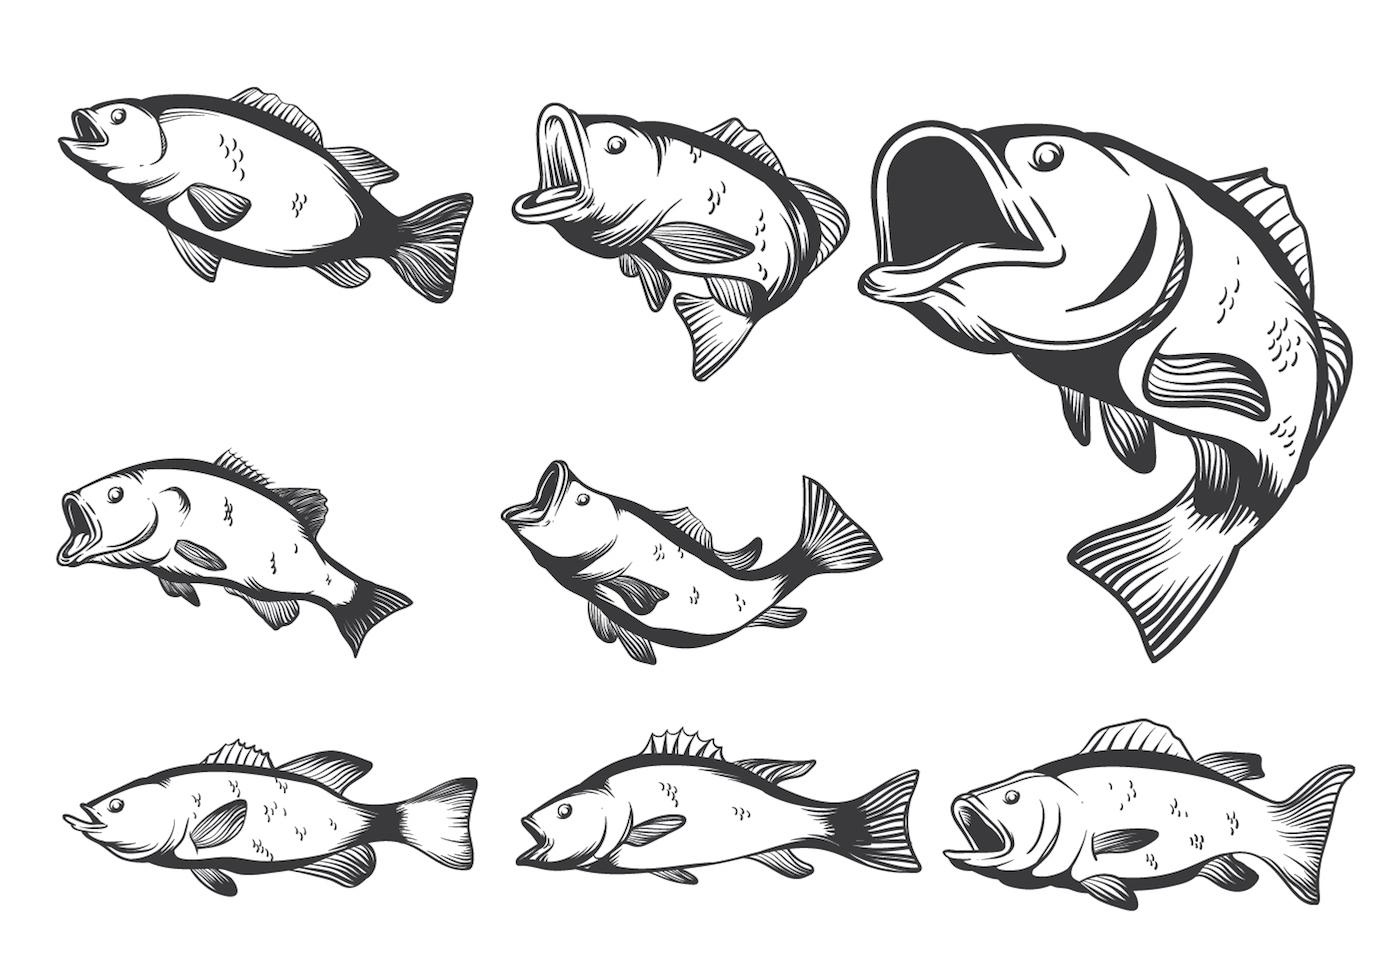 Bass Fish Vectors